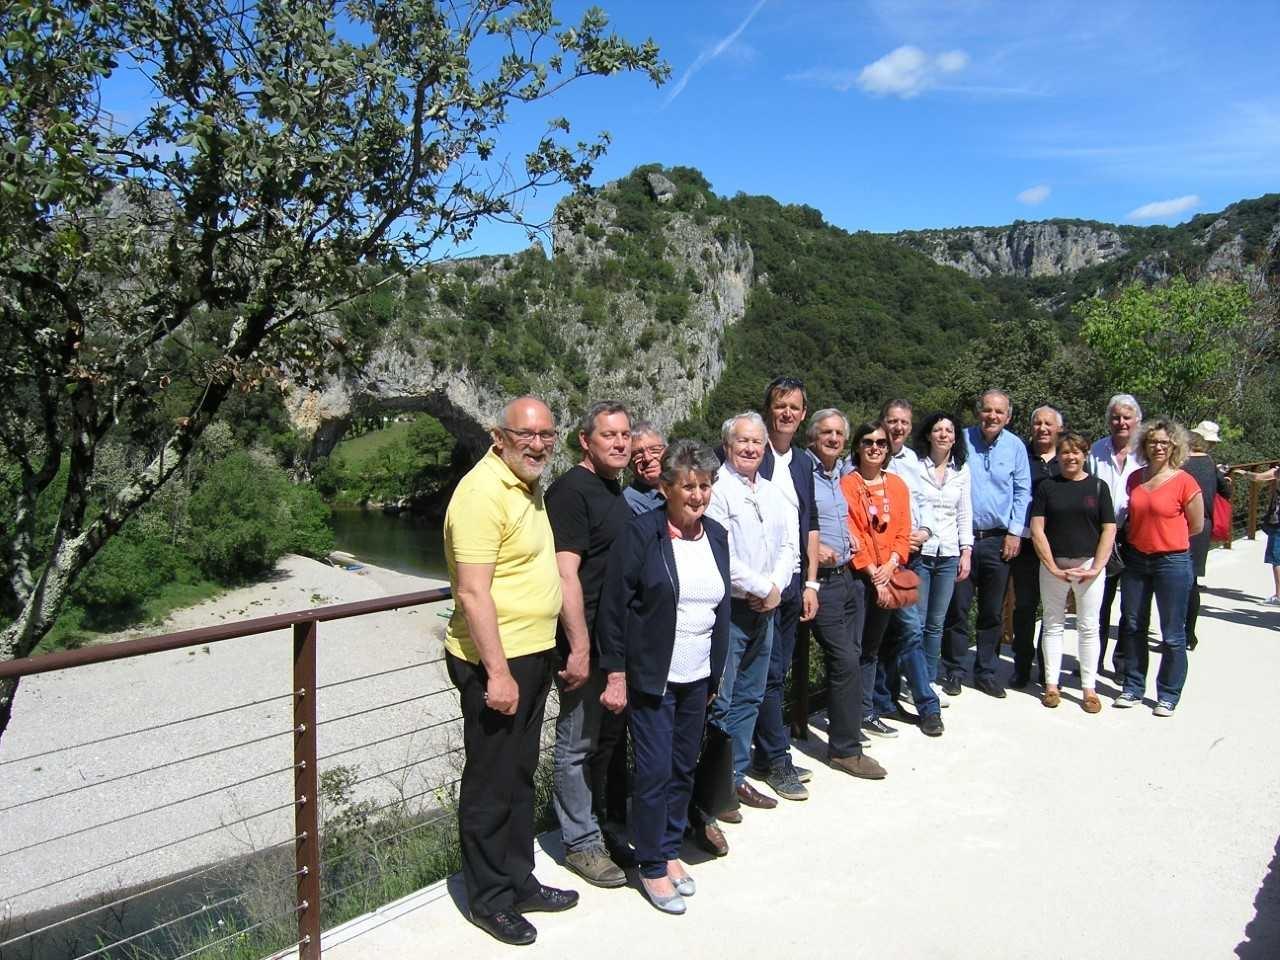 Une délégation de jurassiens en visite en Ardèche